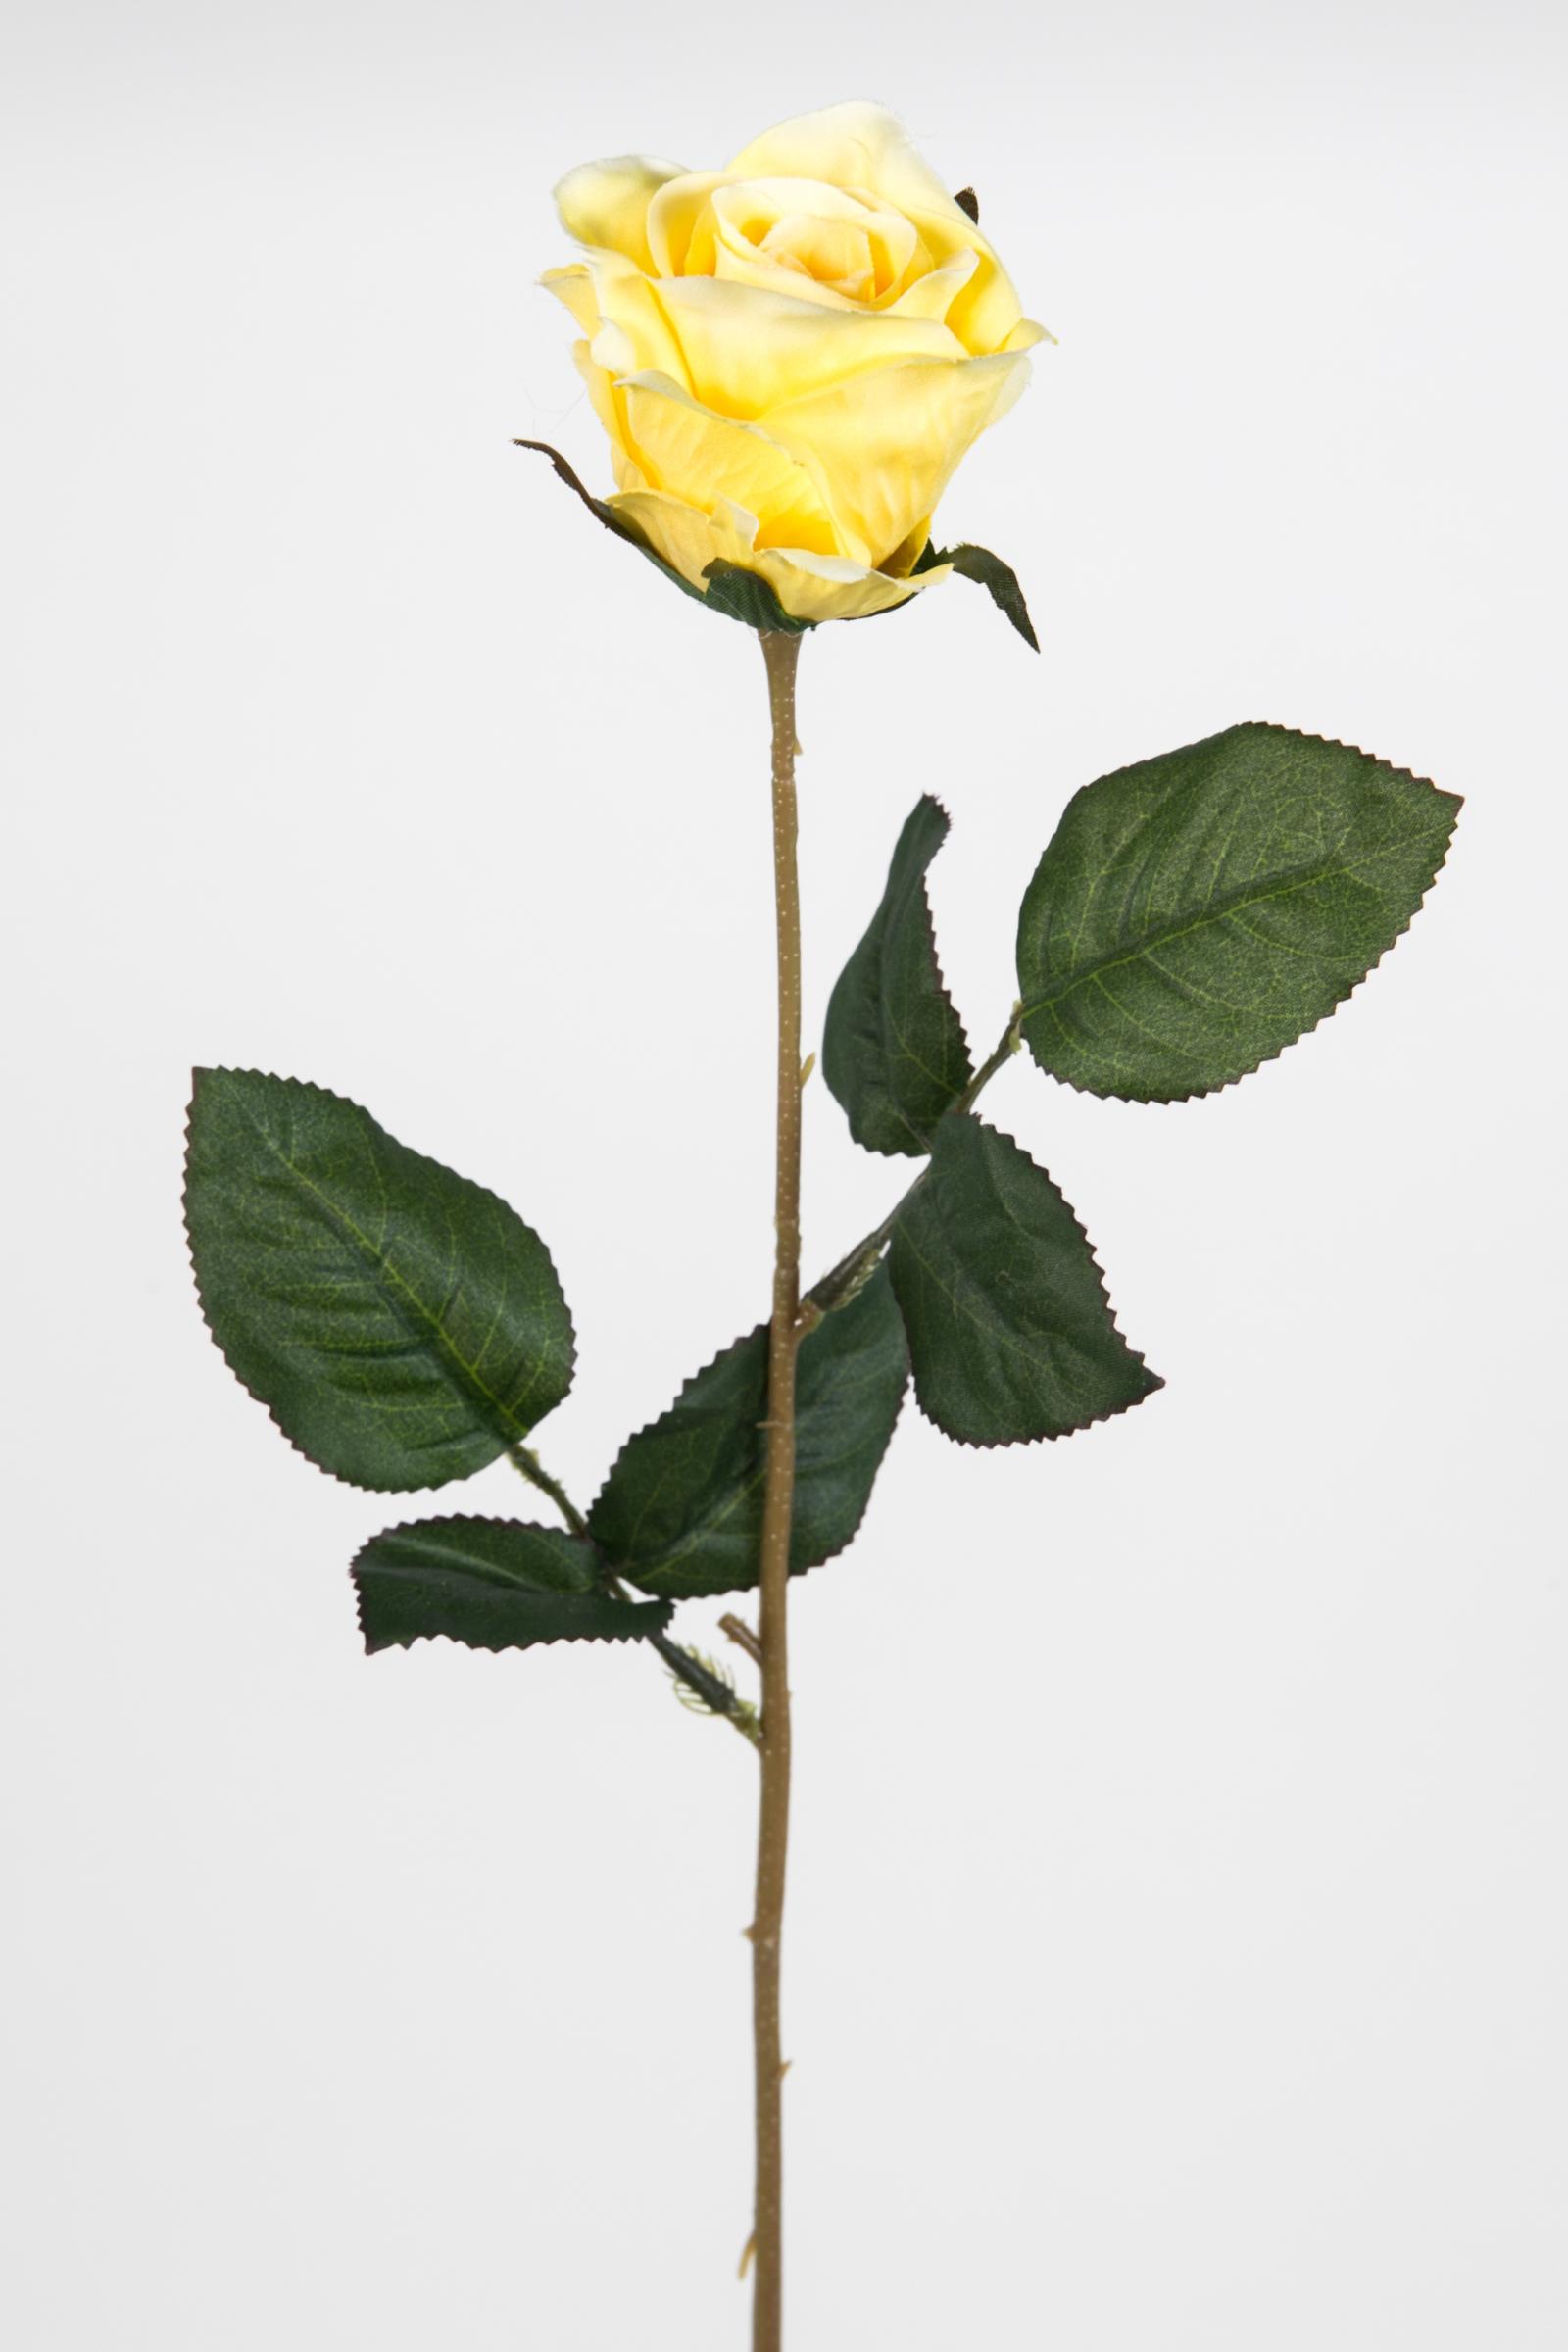 Dekorose gelb Rose Holzrose Kunstblume Rosendeko Deko Kunstrose gelbe Holzrosen